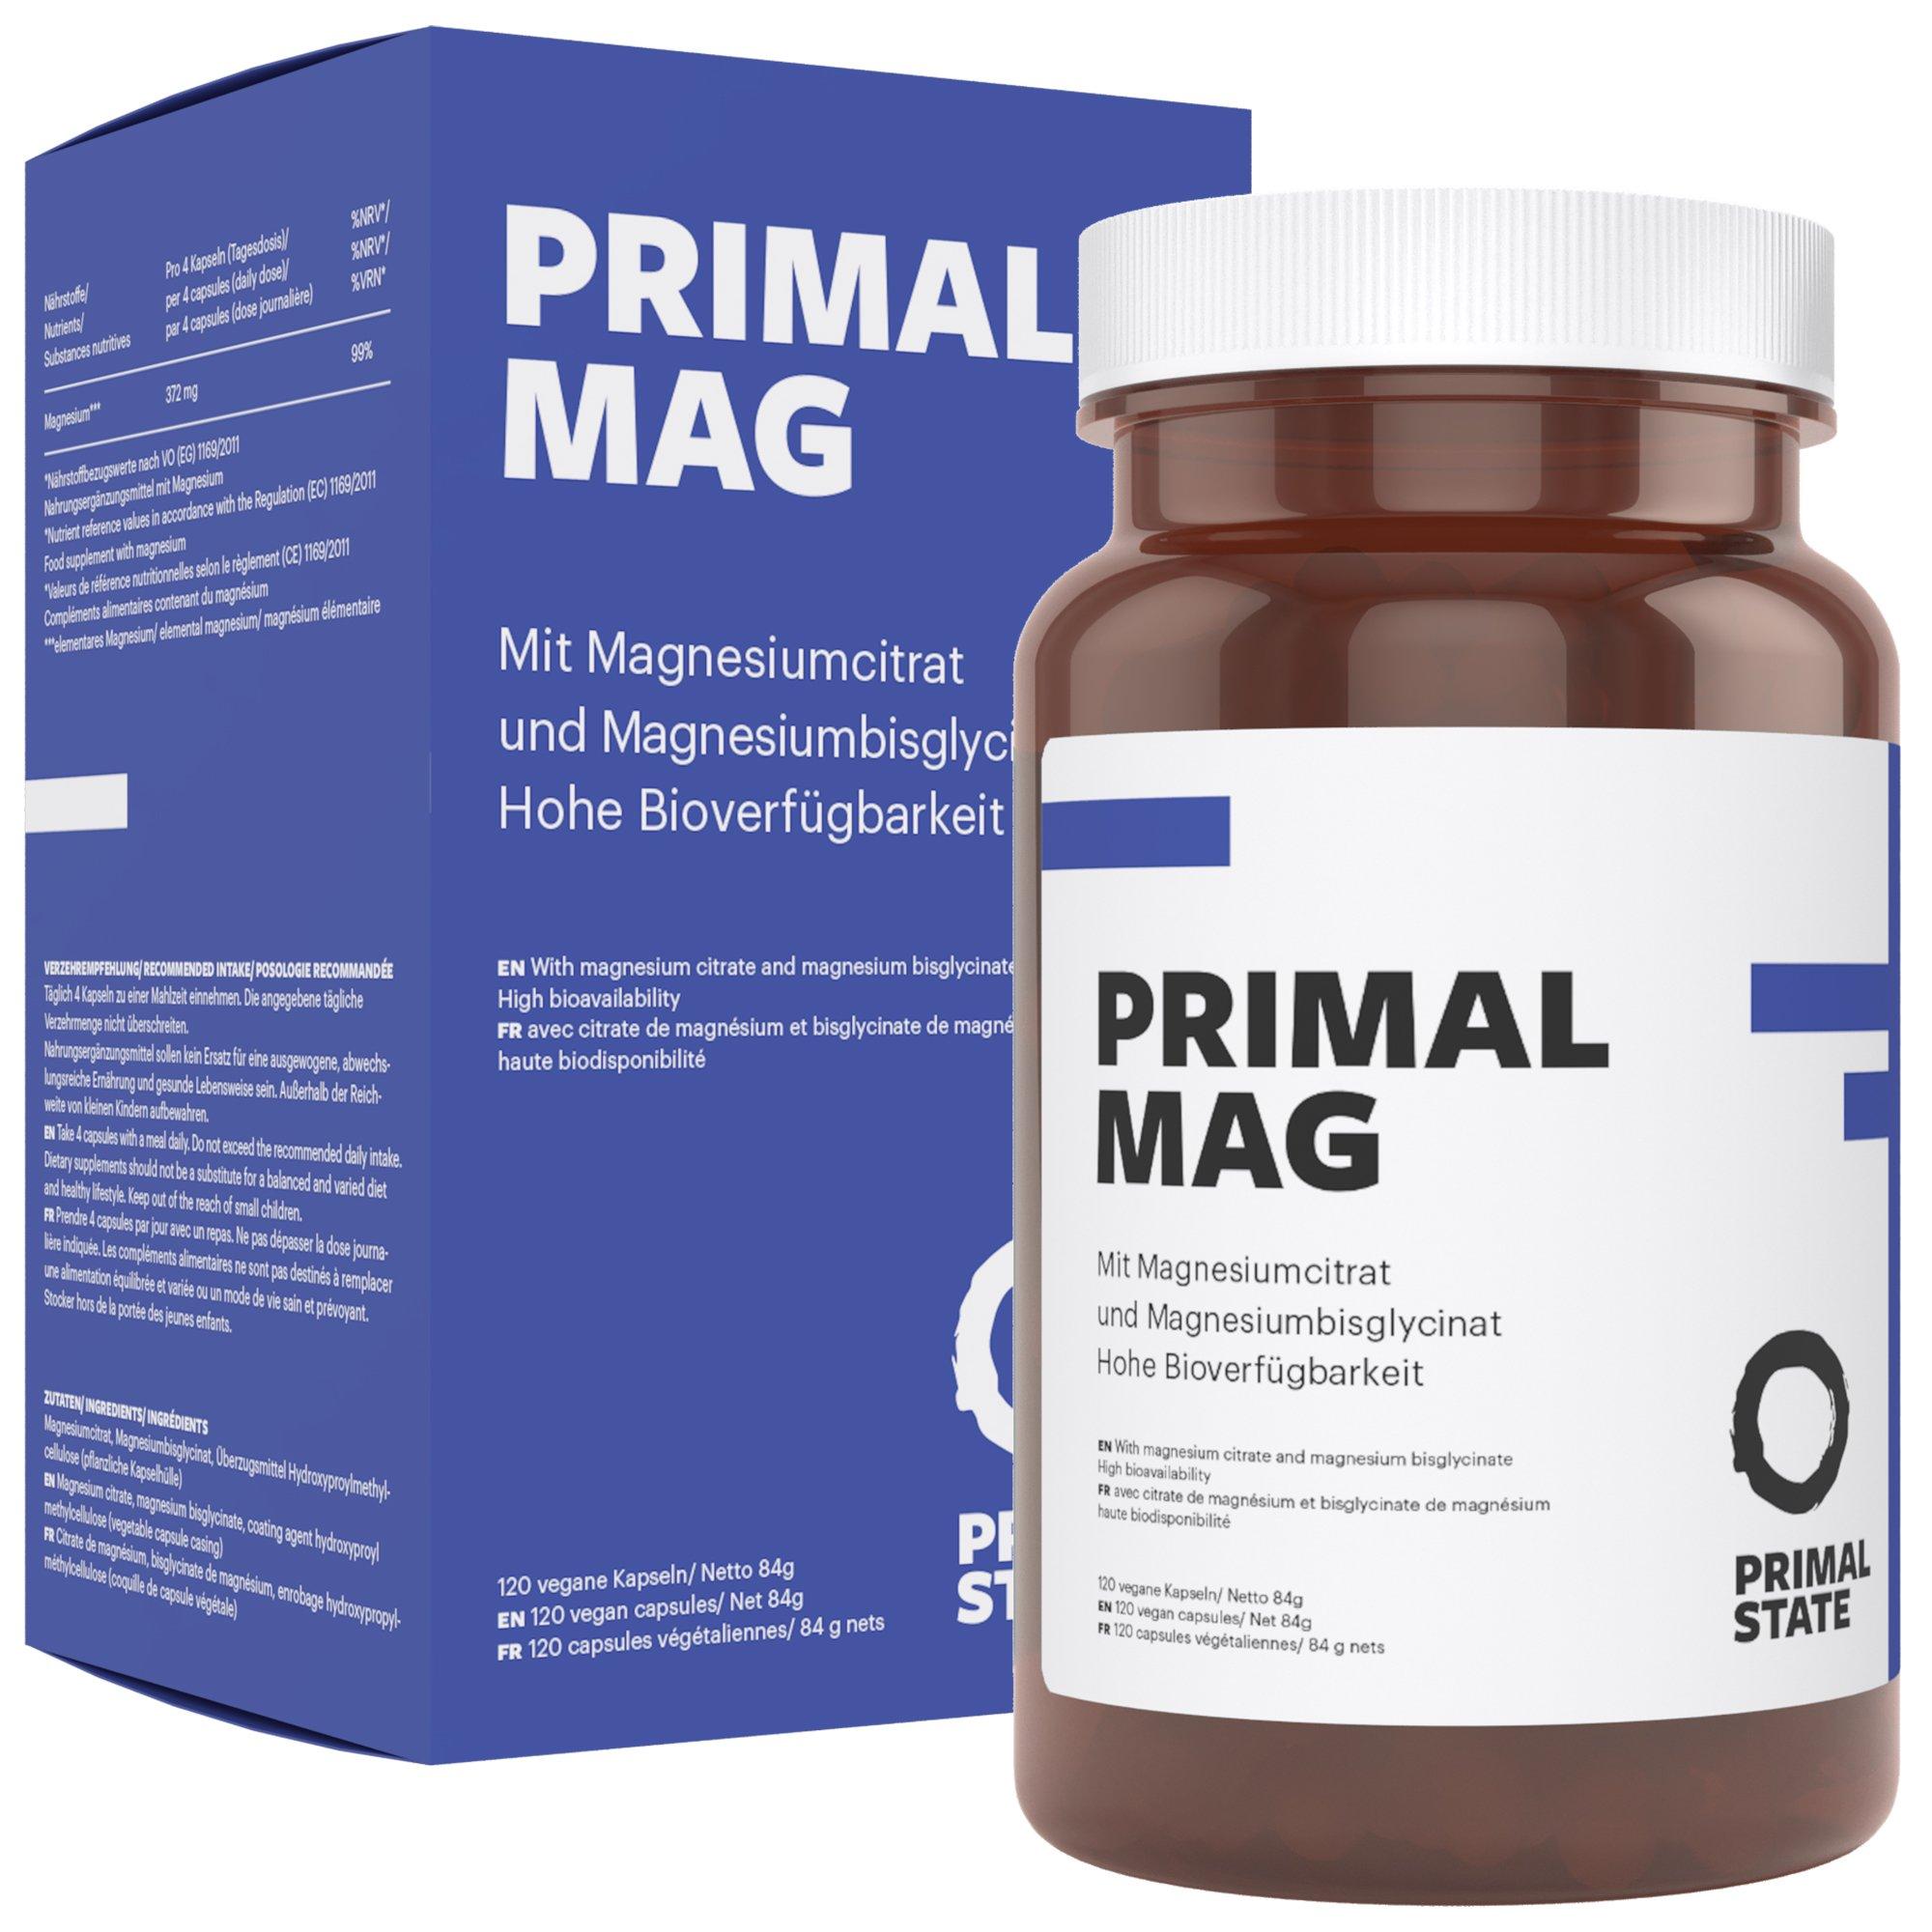 Magnesium Kapseln hochdosiert von Primal State, Magnesiumkomplex aus Magnesiumcitrat und Magnesium Glycinat, frei von Zusatzstoffen – 120 Kapseln